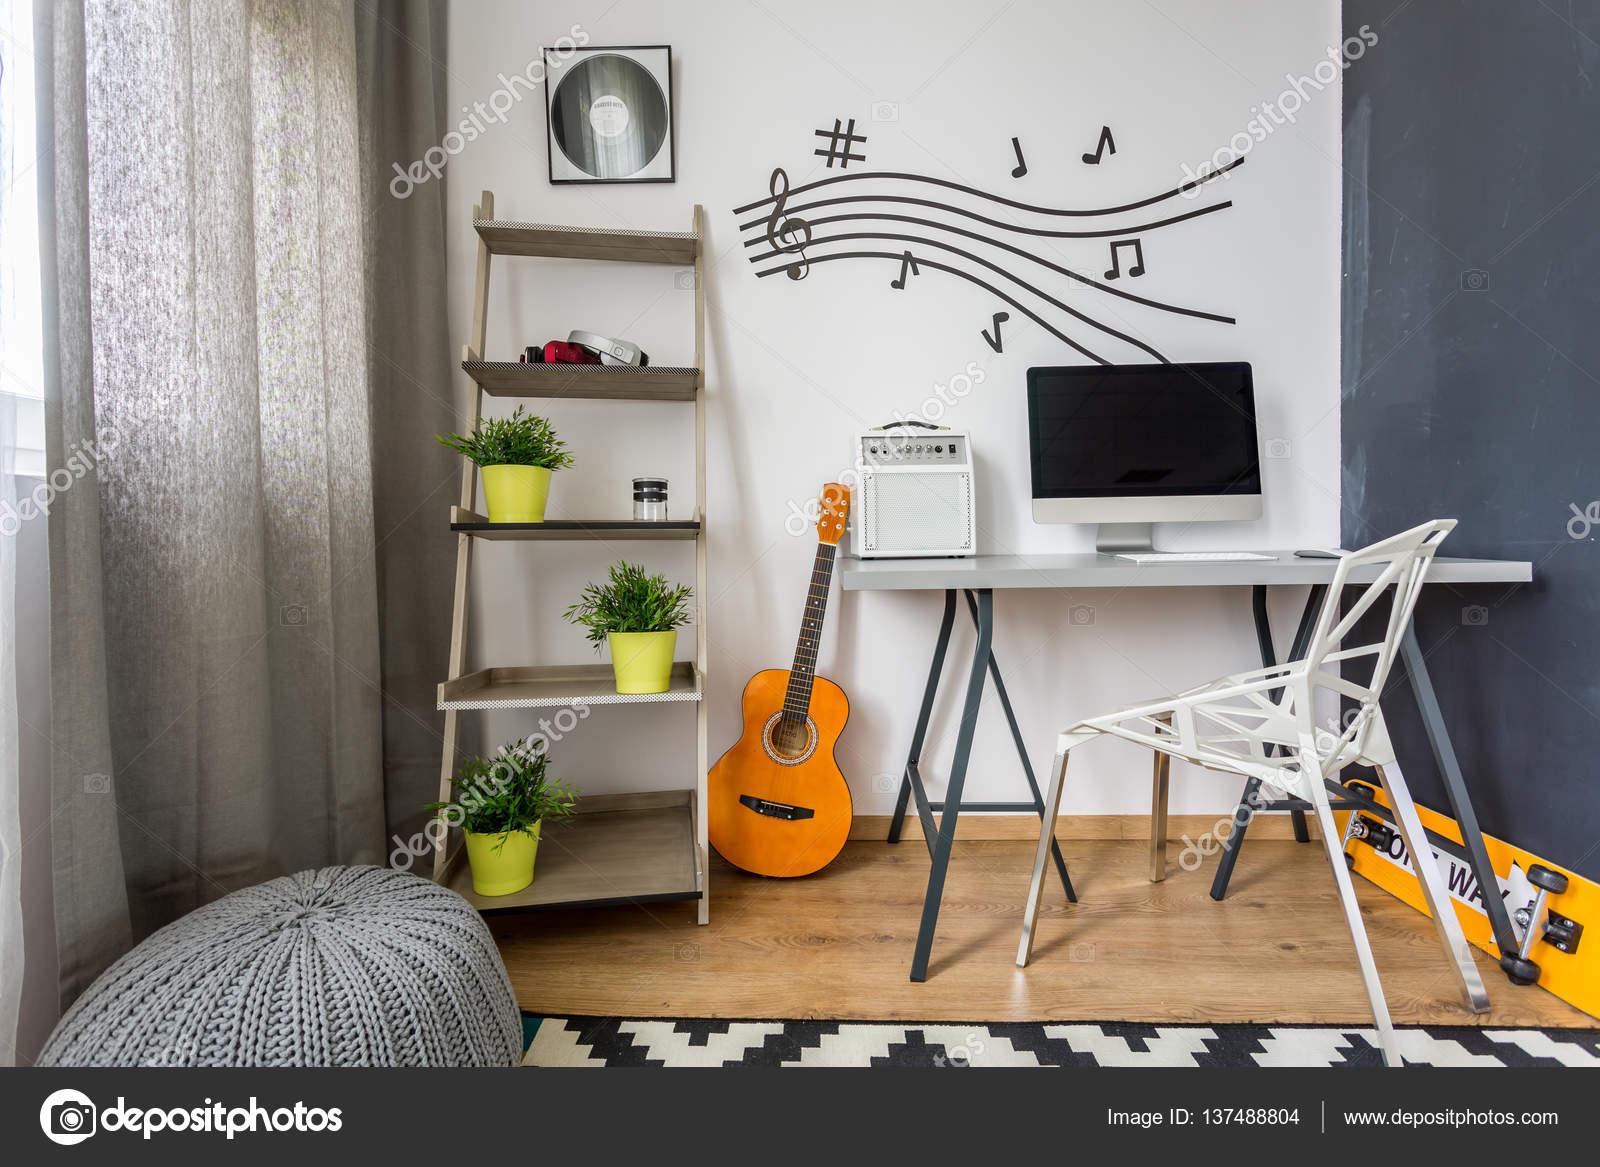 Minimalistische scandi kamer met gitaar u stockfoto photographee